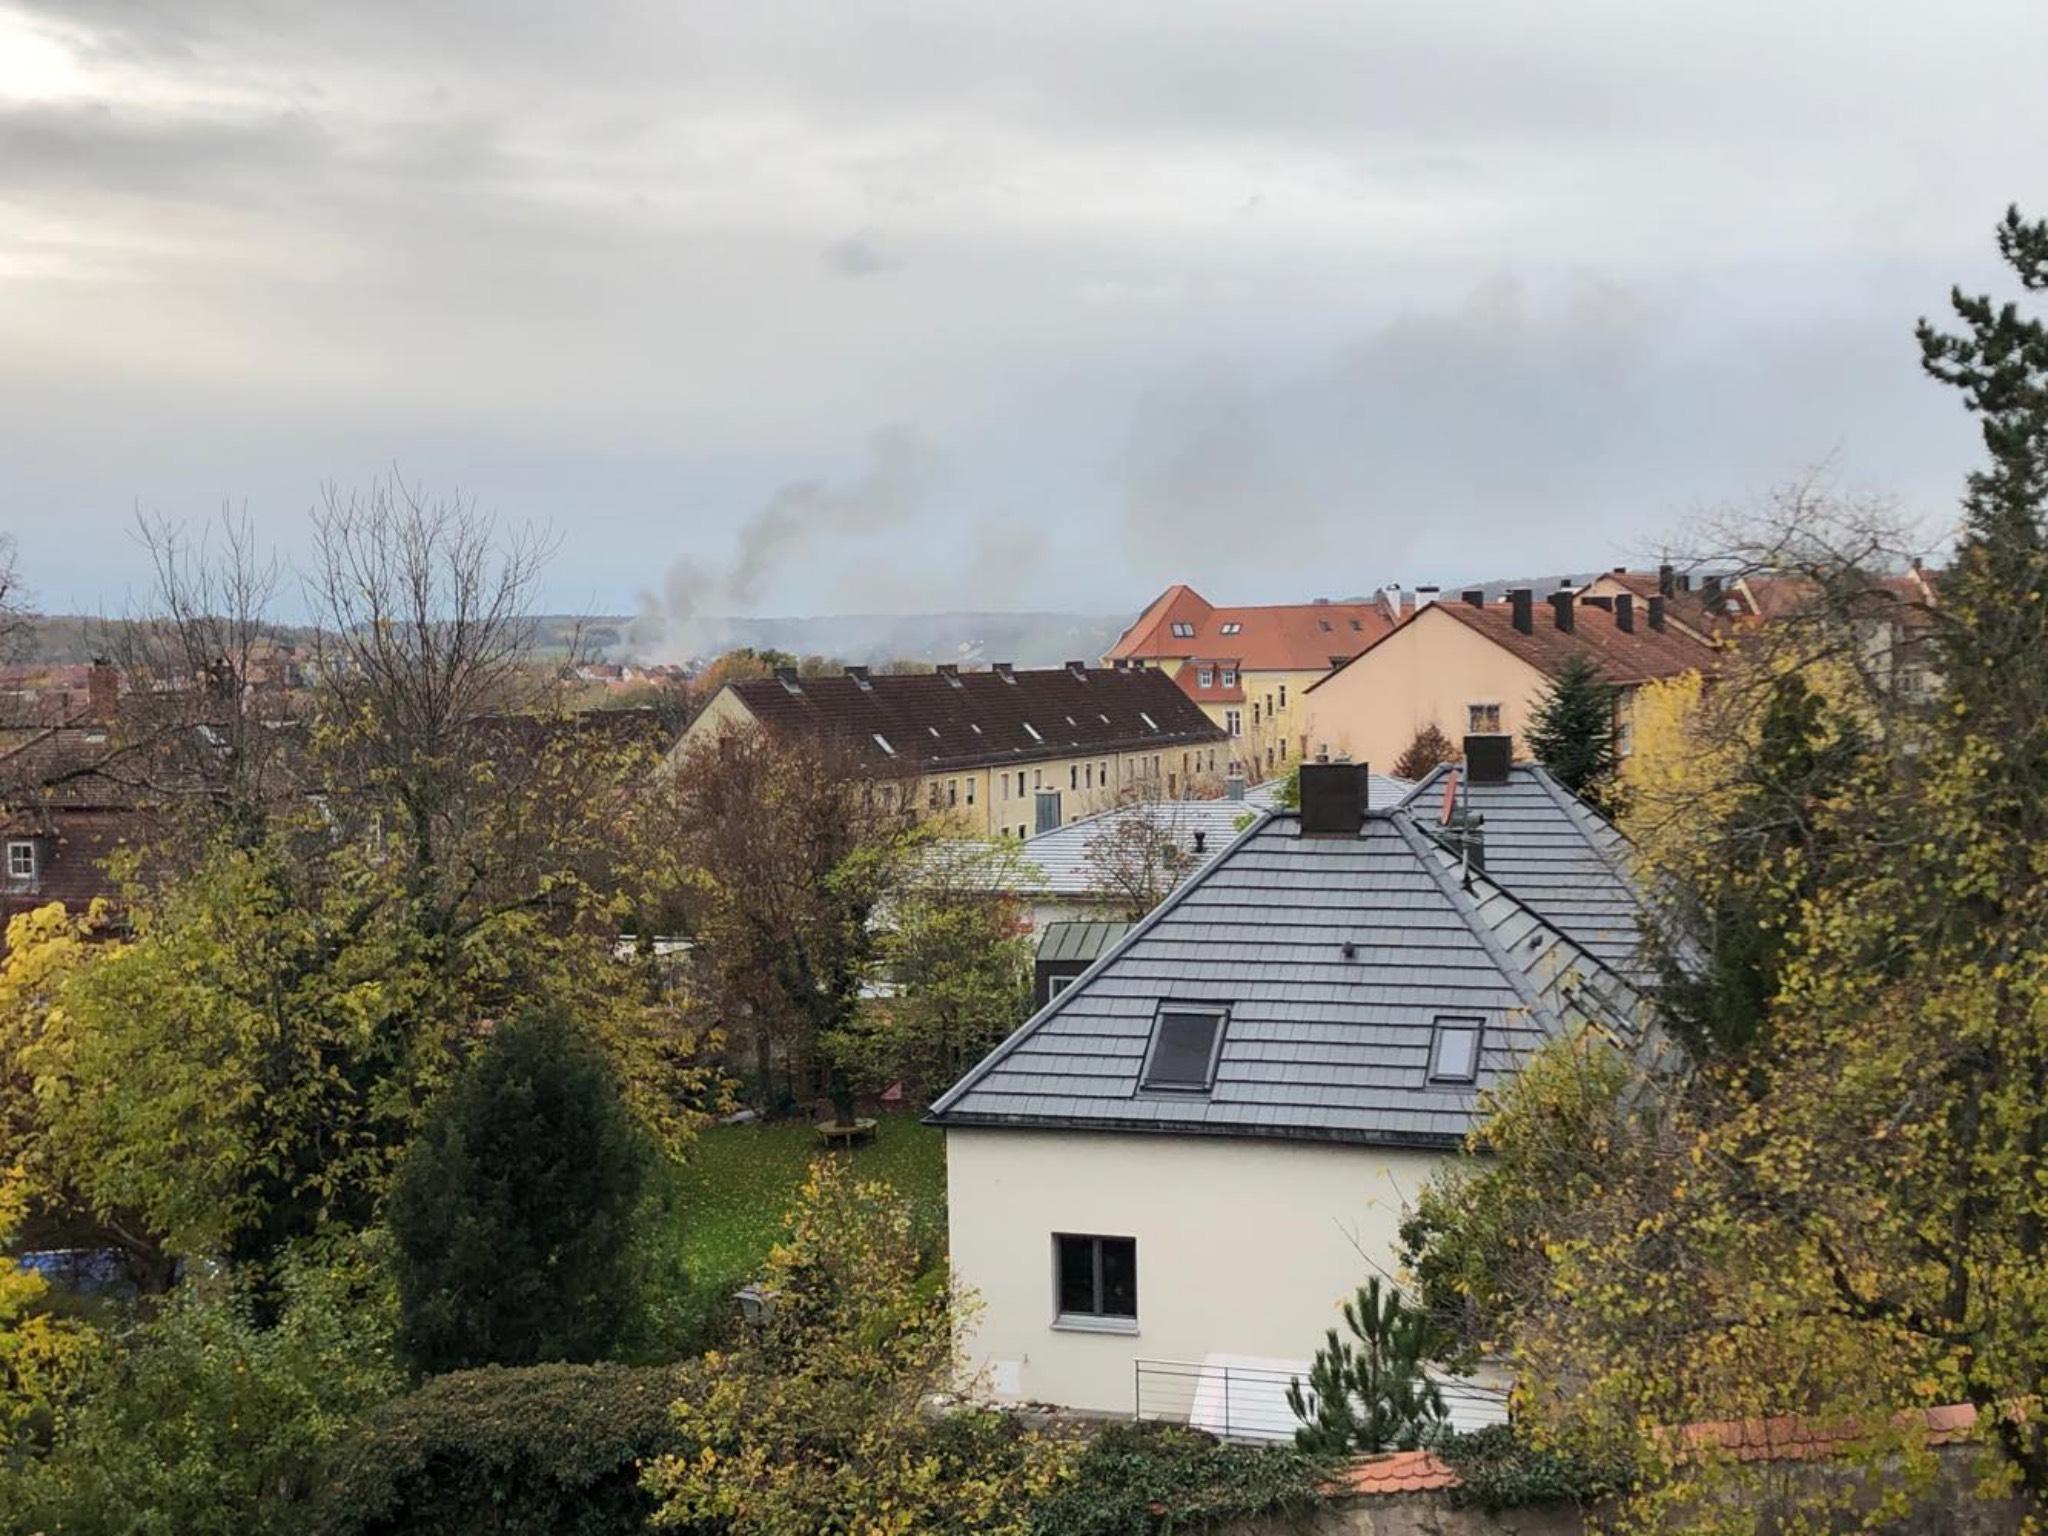 Die Rauchwolke war weithin sichtbar. Foto: Bernhard Schneider